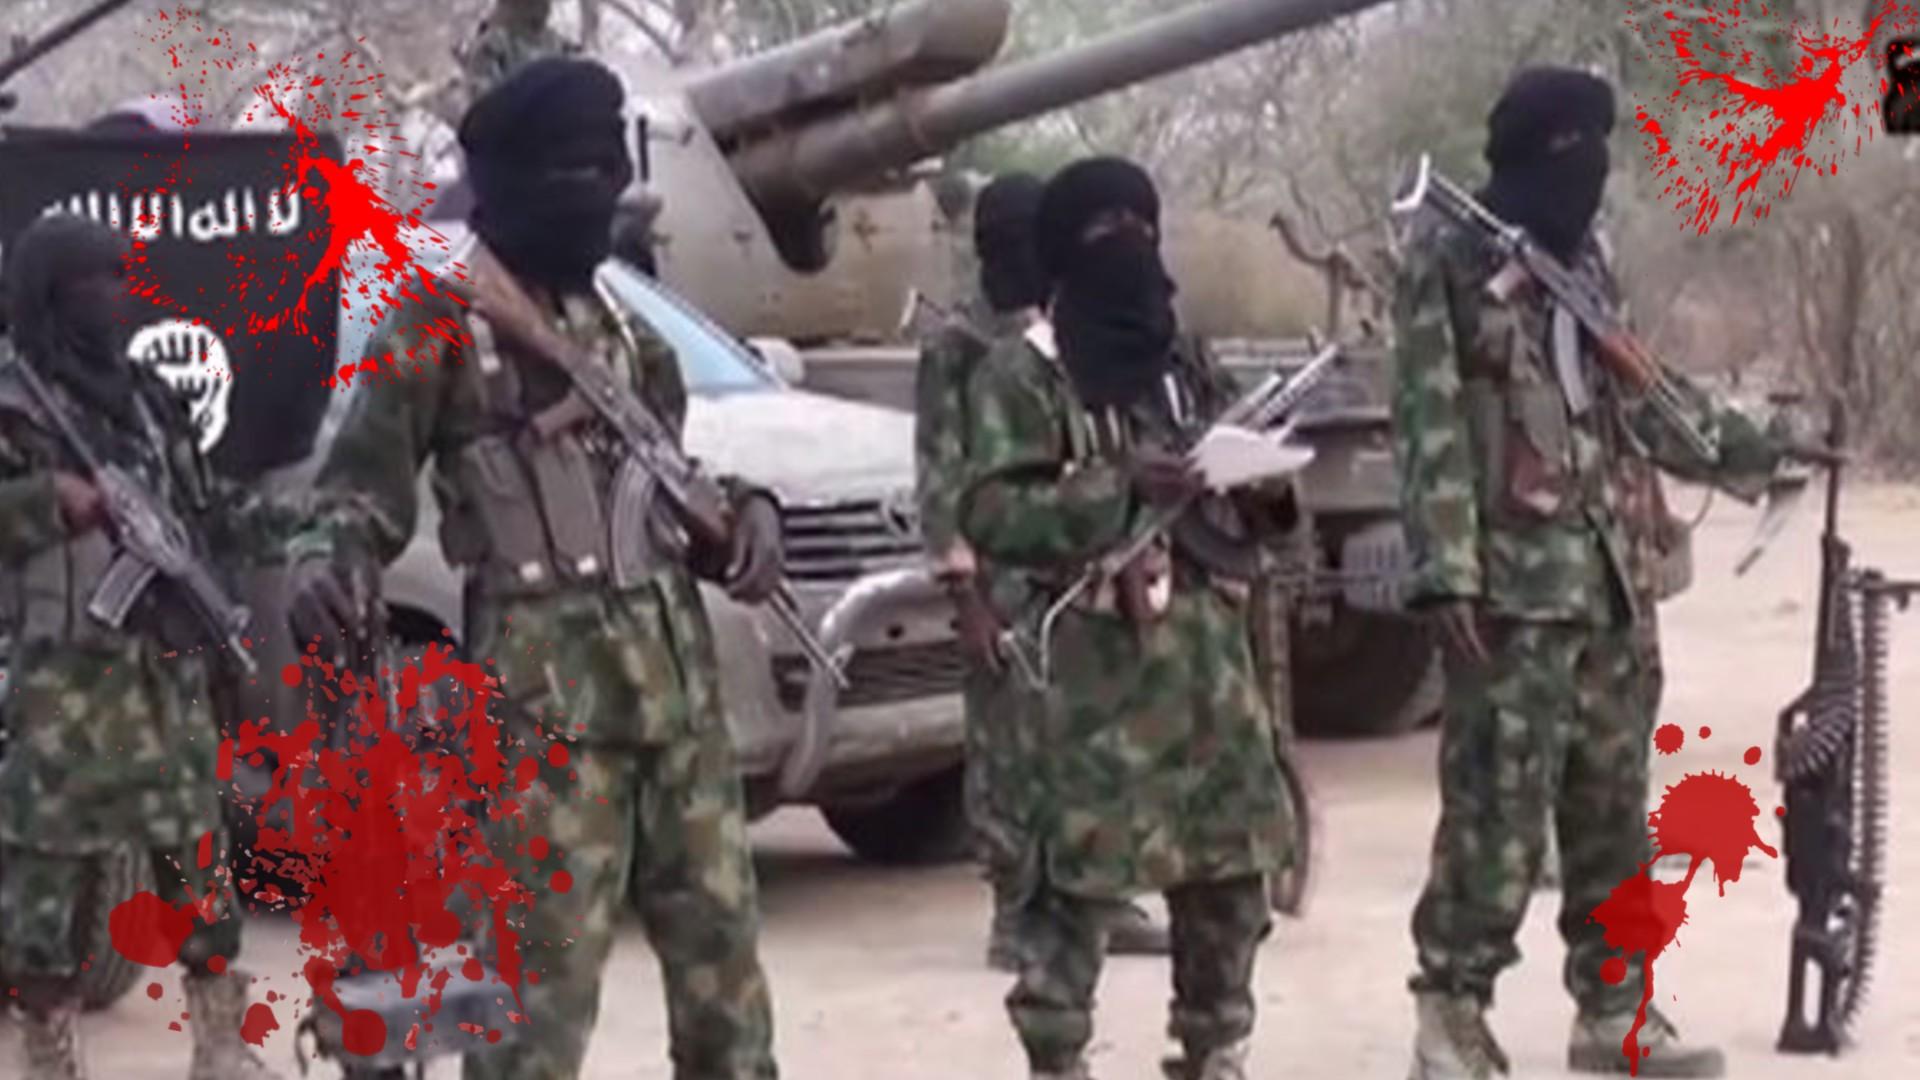 terrorismo, islam, Africa, Nigeria,